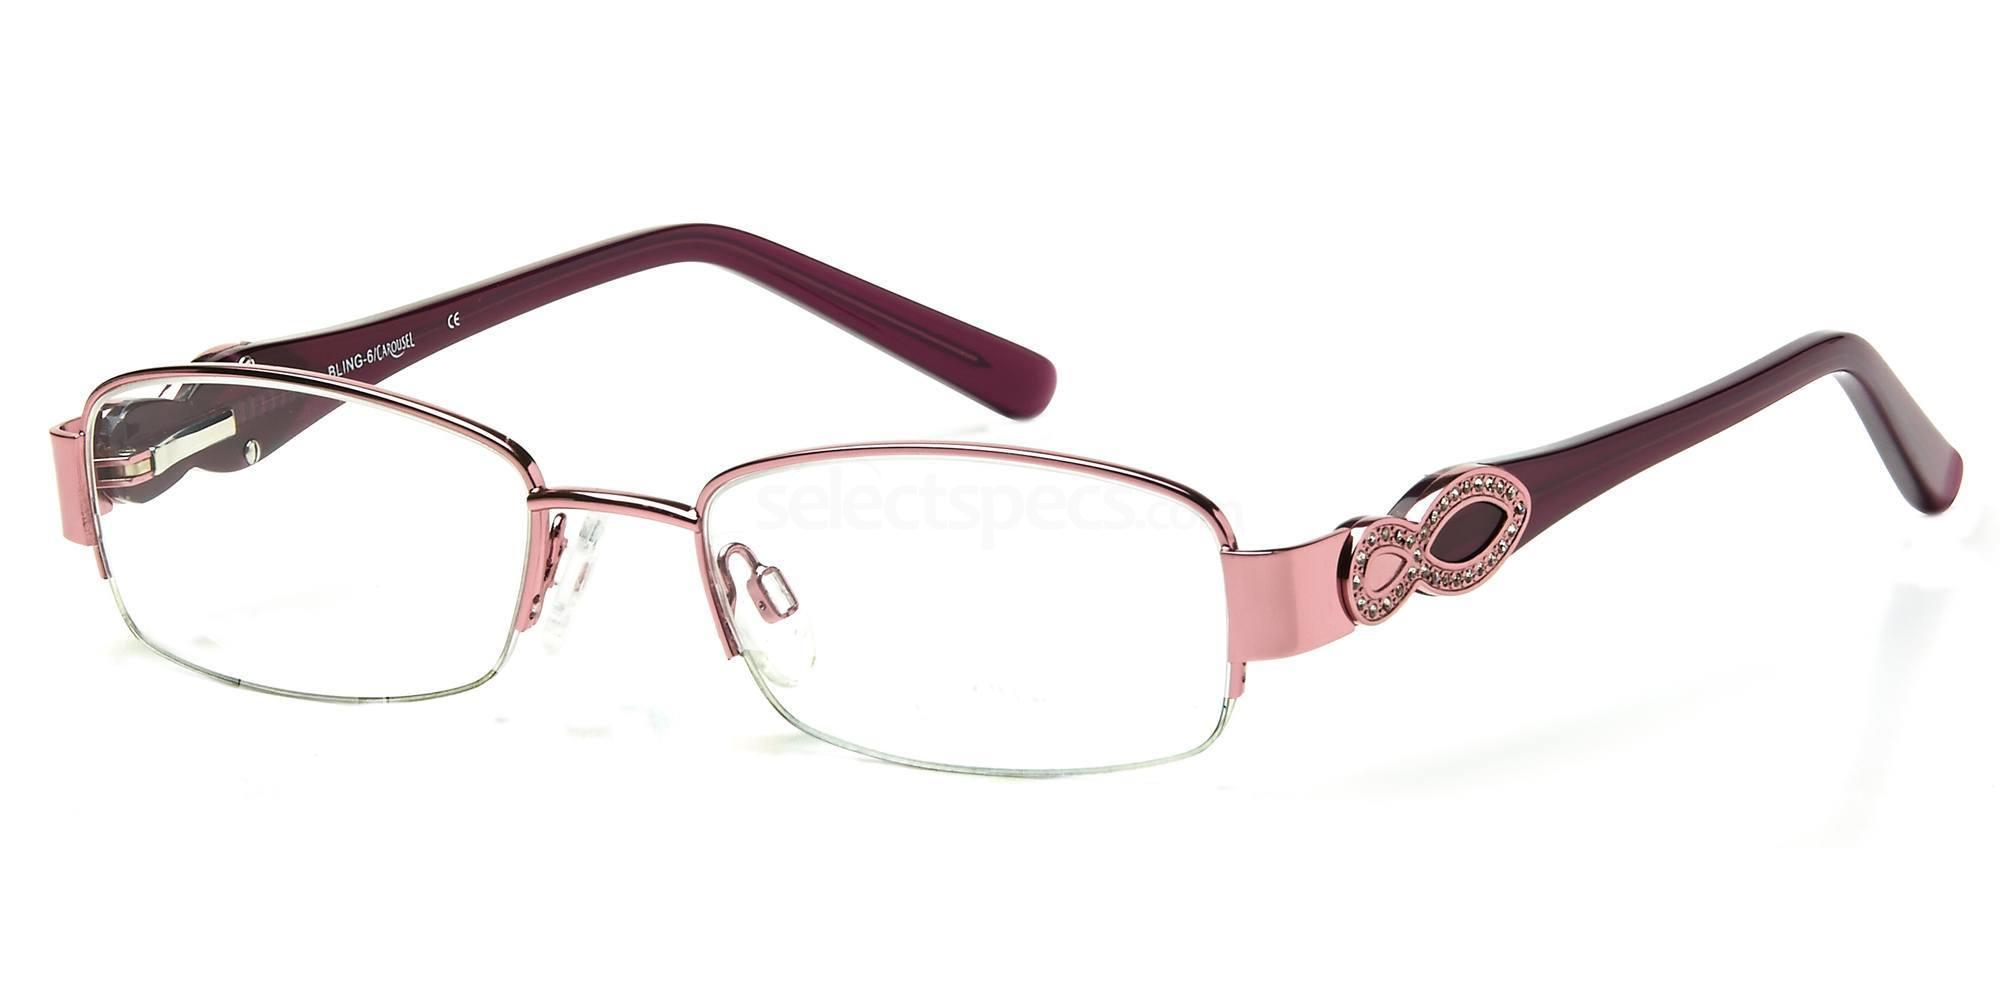 C1 BLING06 Glasses, Bling